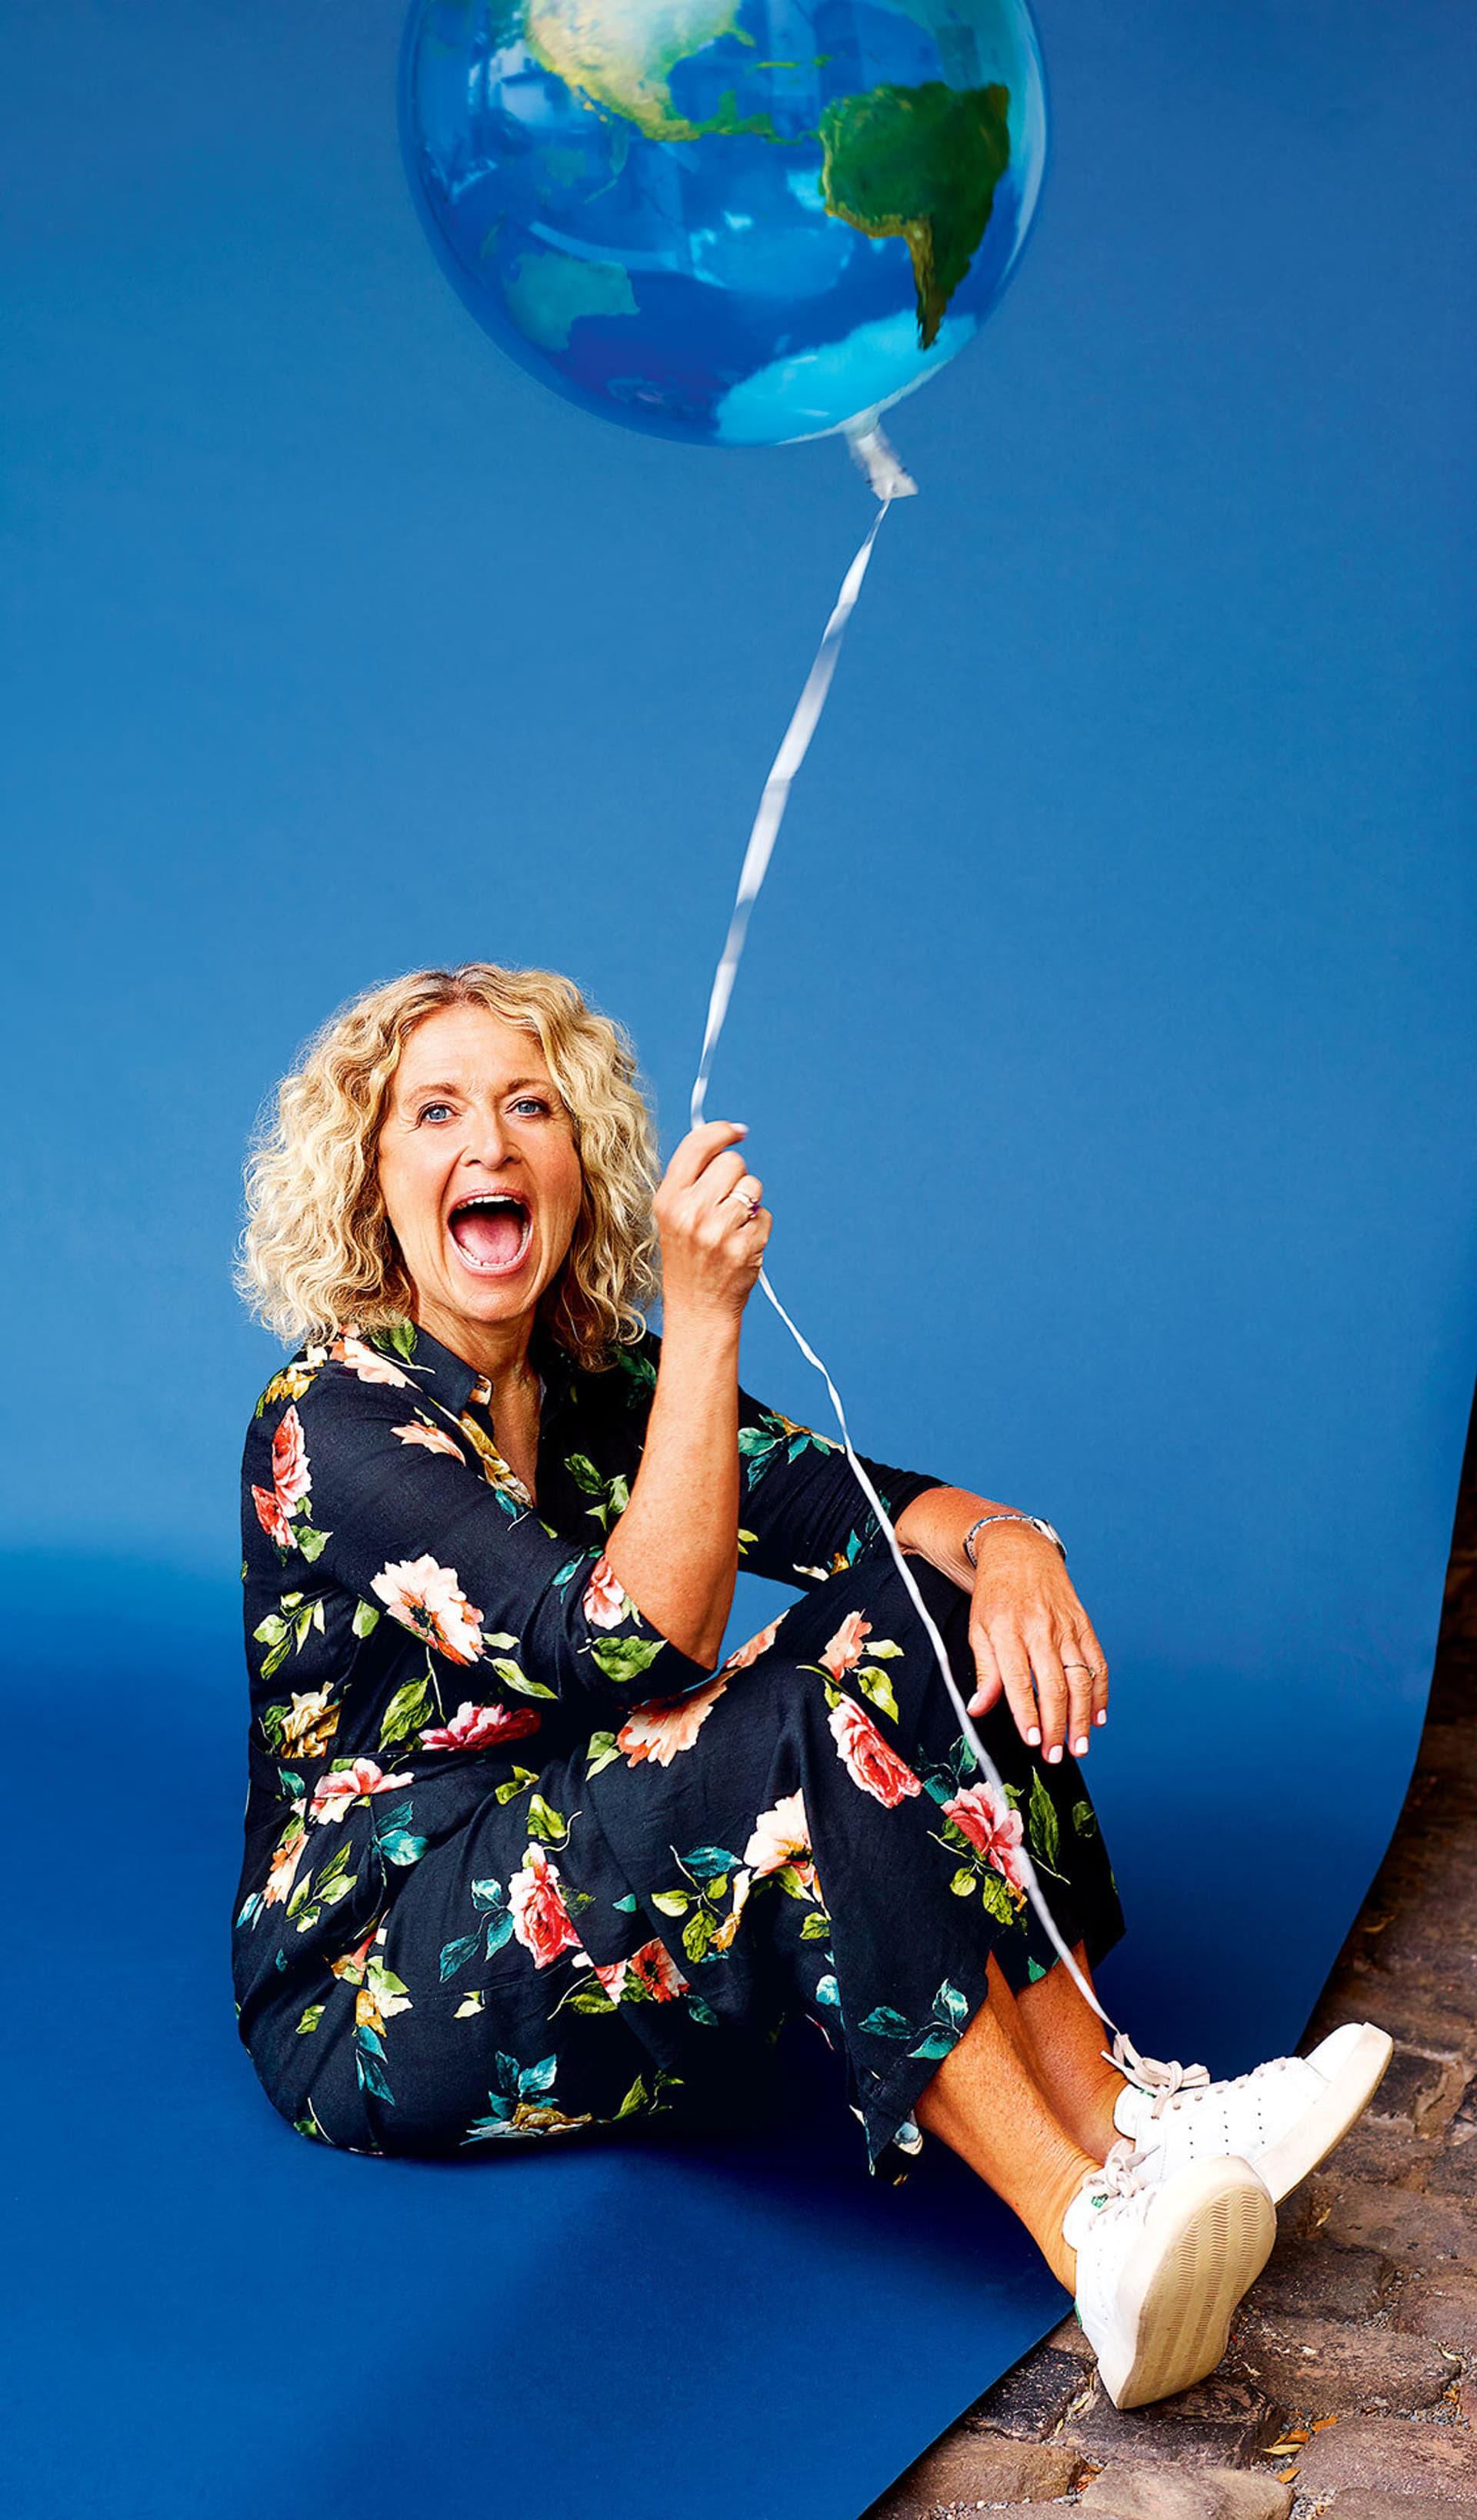 Susanne Fröhlich hält einen Luftballon in Form der Weltkugel an einer Schnur und lacht